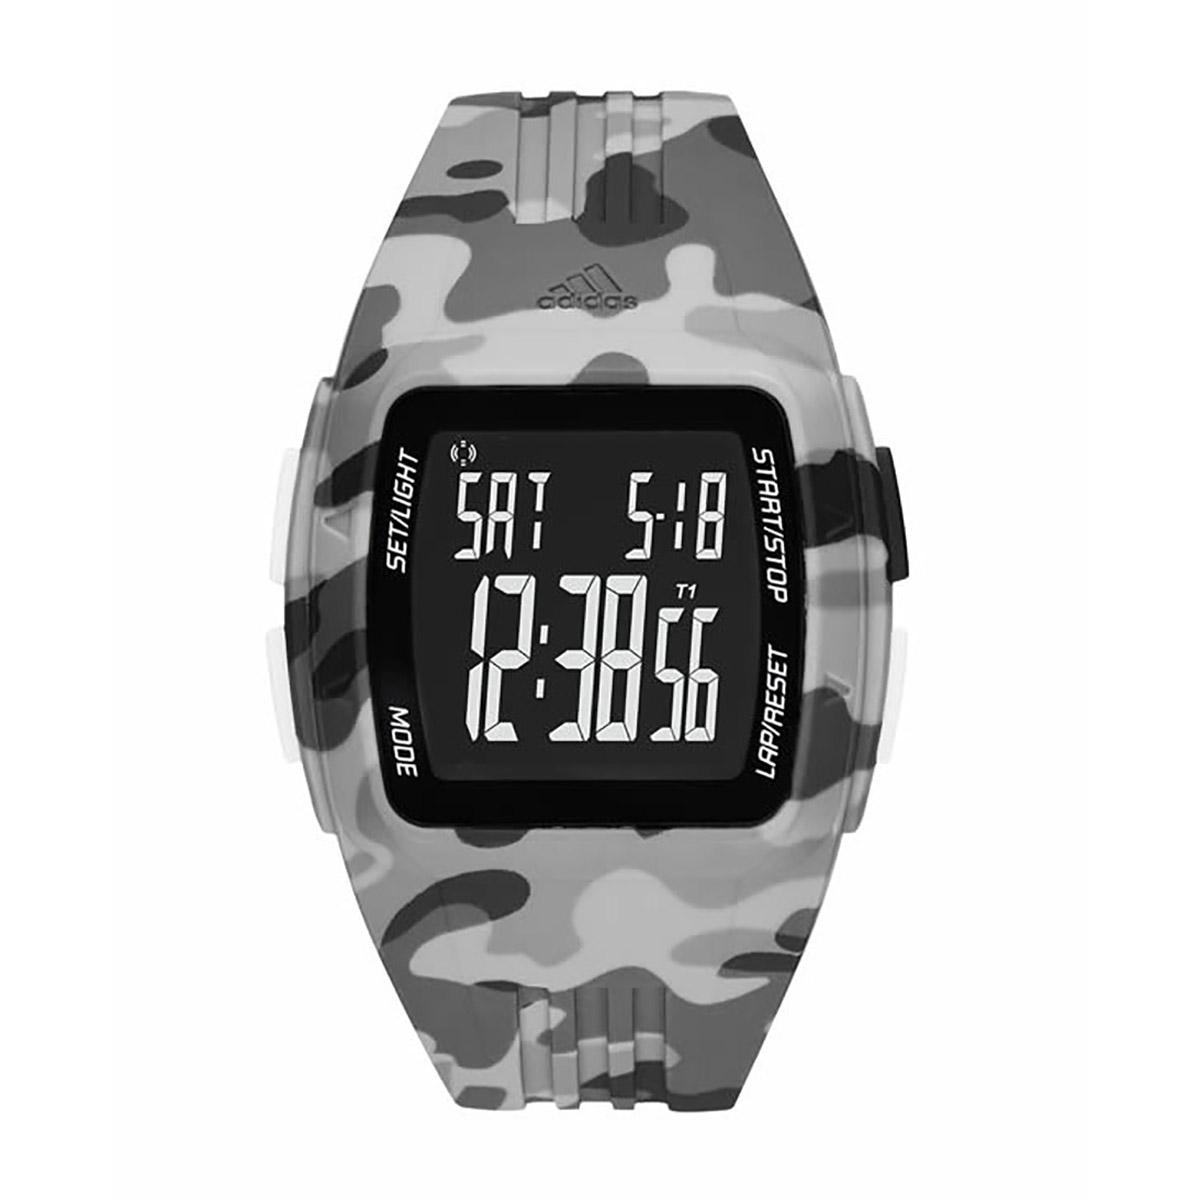 นาฬิกาผู้ชาย Adidas รุ่น ADP3226